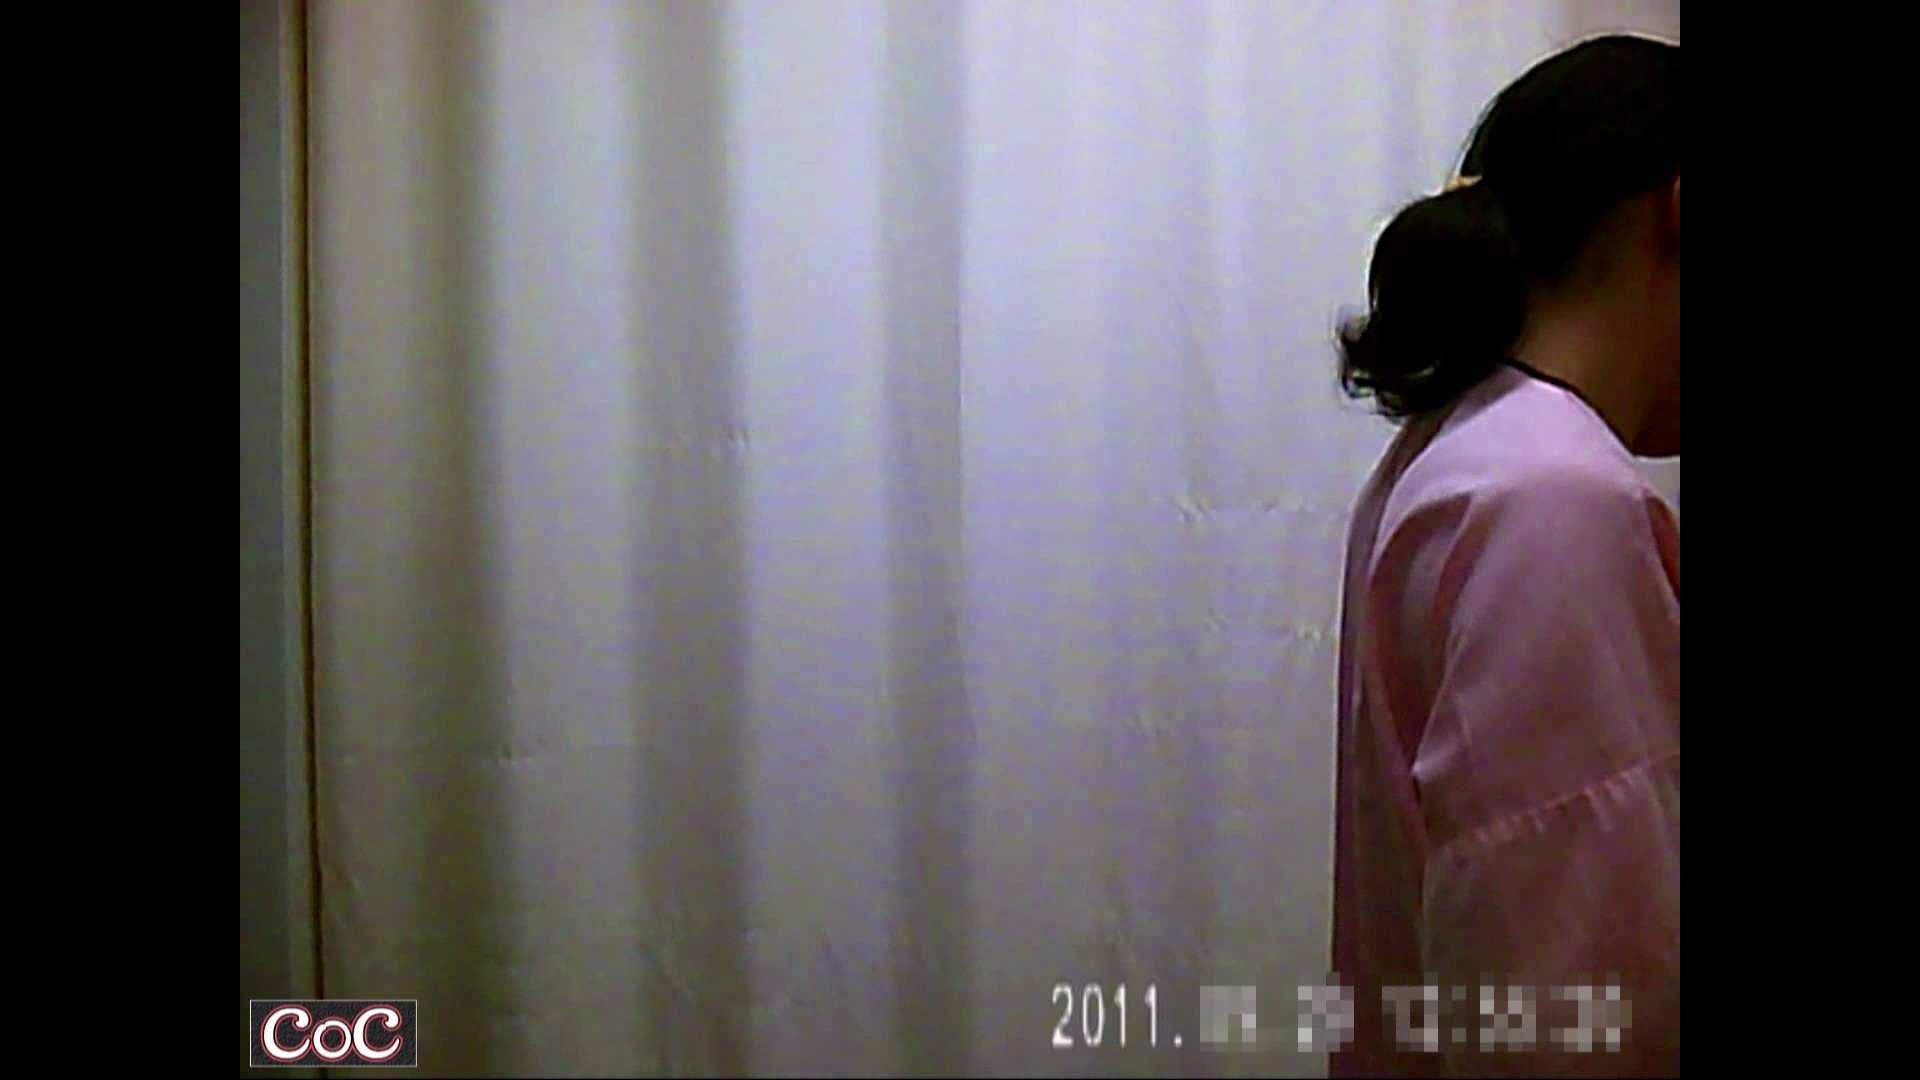 病院おもいっきり着替え! vol.45 盗撮 盗み撮り動画キャプチャ 93画像 10